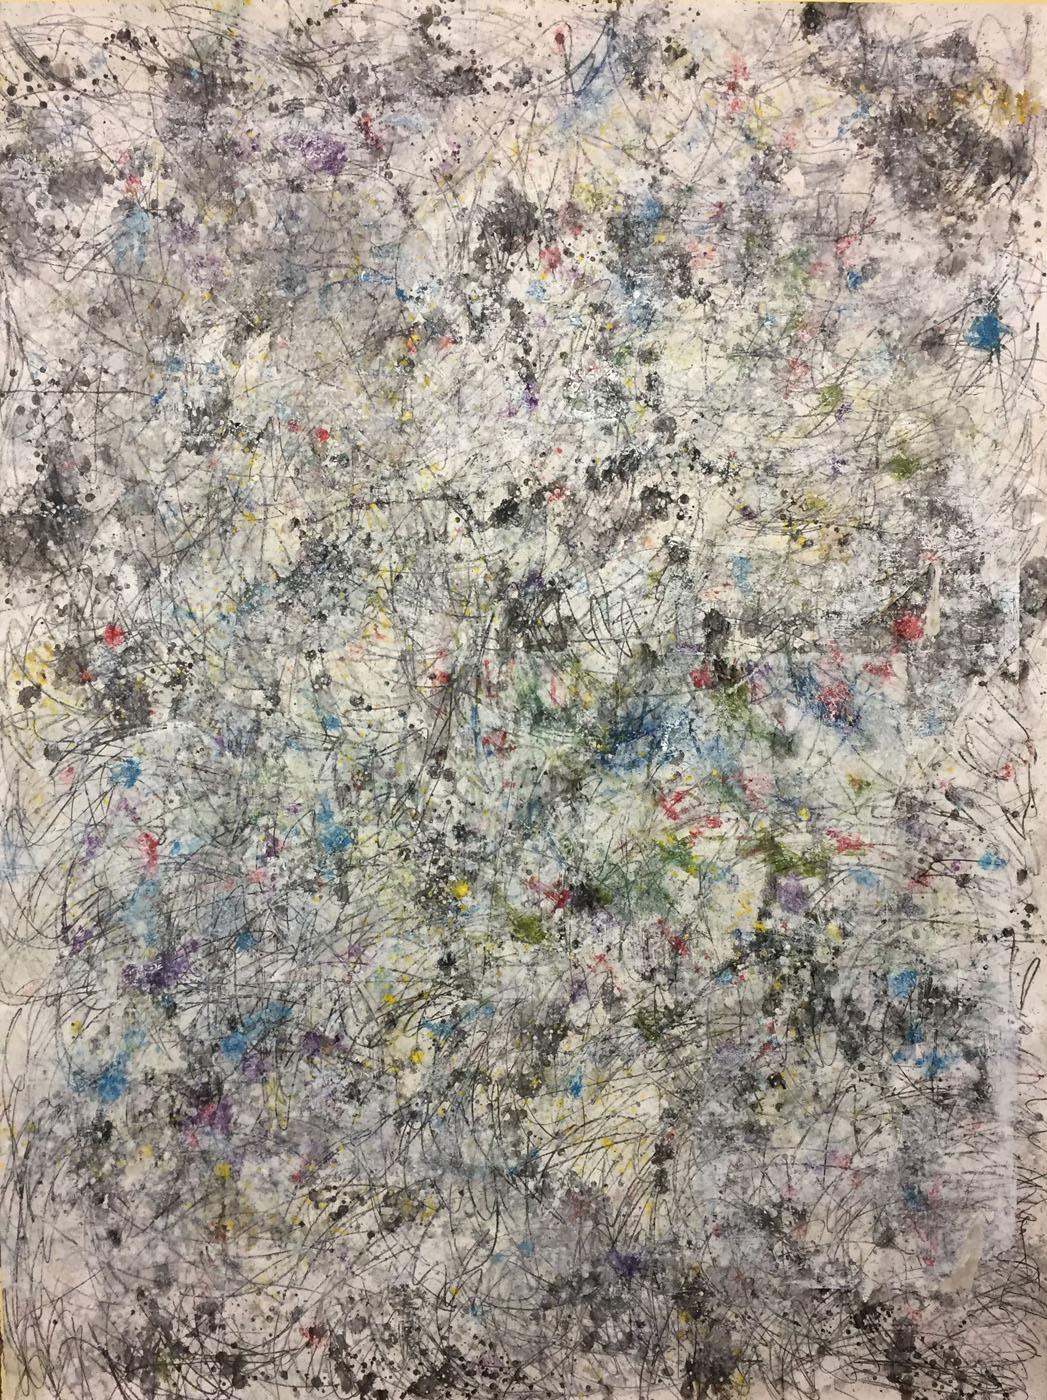 MARC FELD 2019 ÉCHO DES ÉTOILES 2 Huile, gouache et mine de plomb sur papier150 x 200 cm